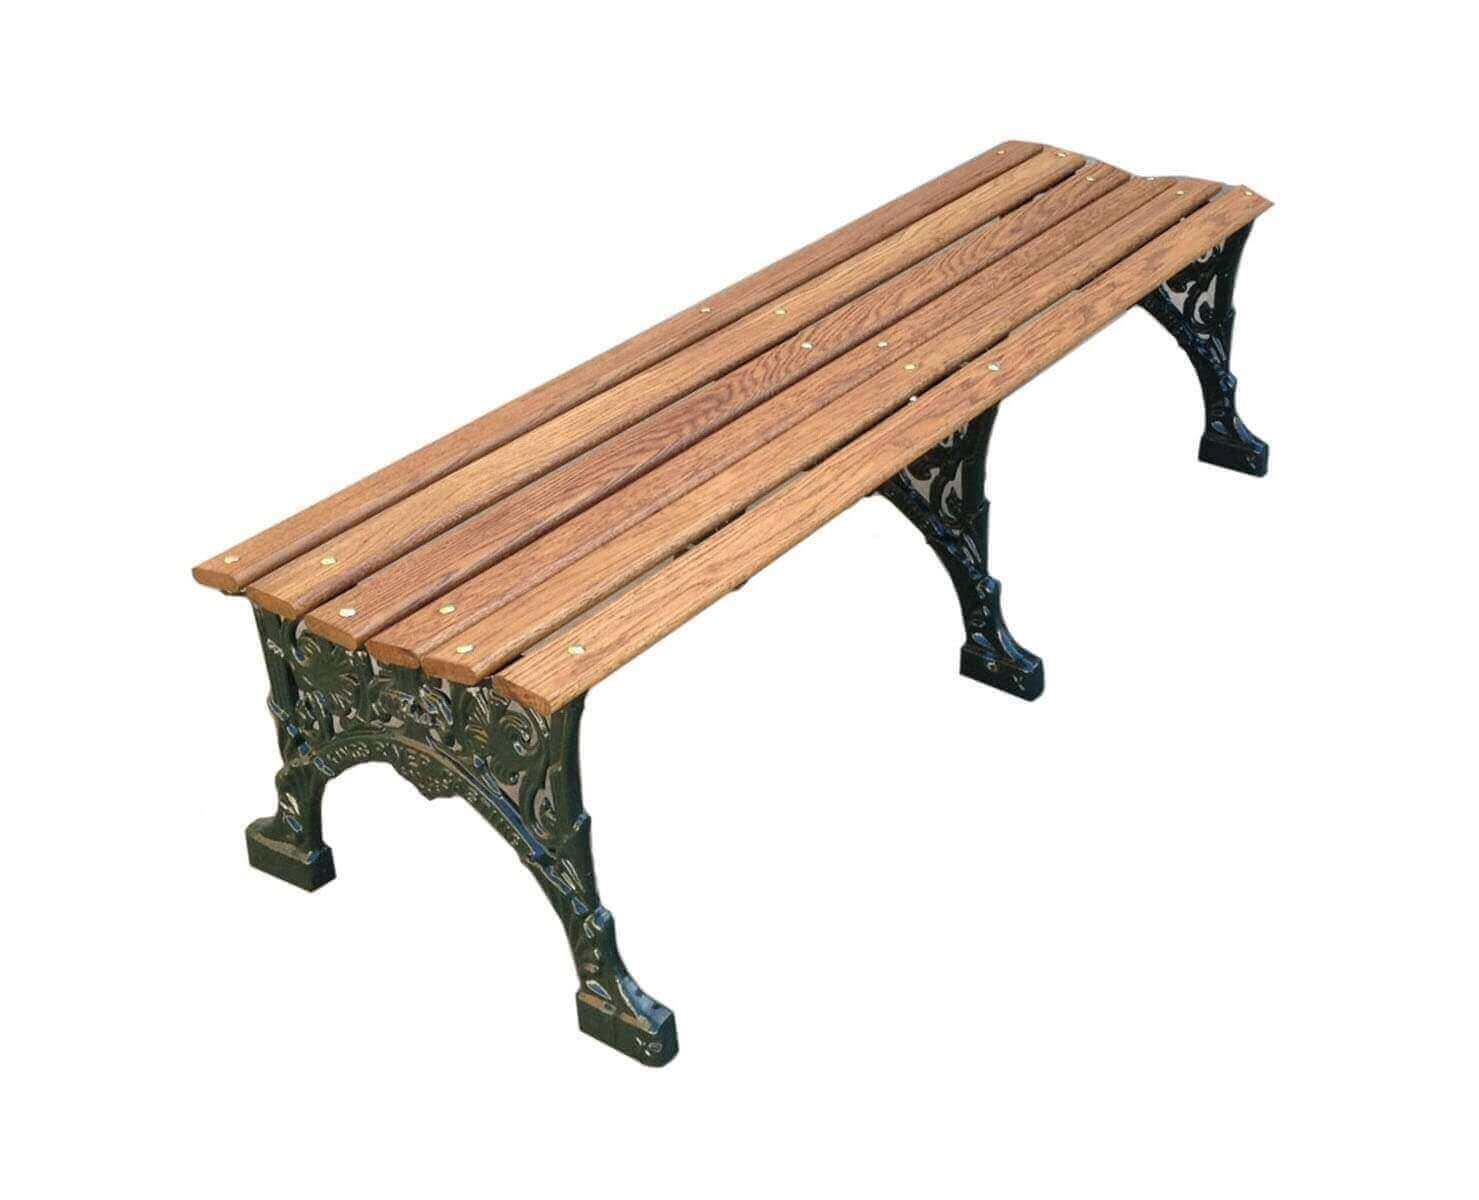 renaissance park backless bench white oak slats and cast aluminum